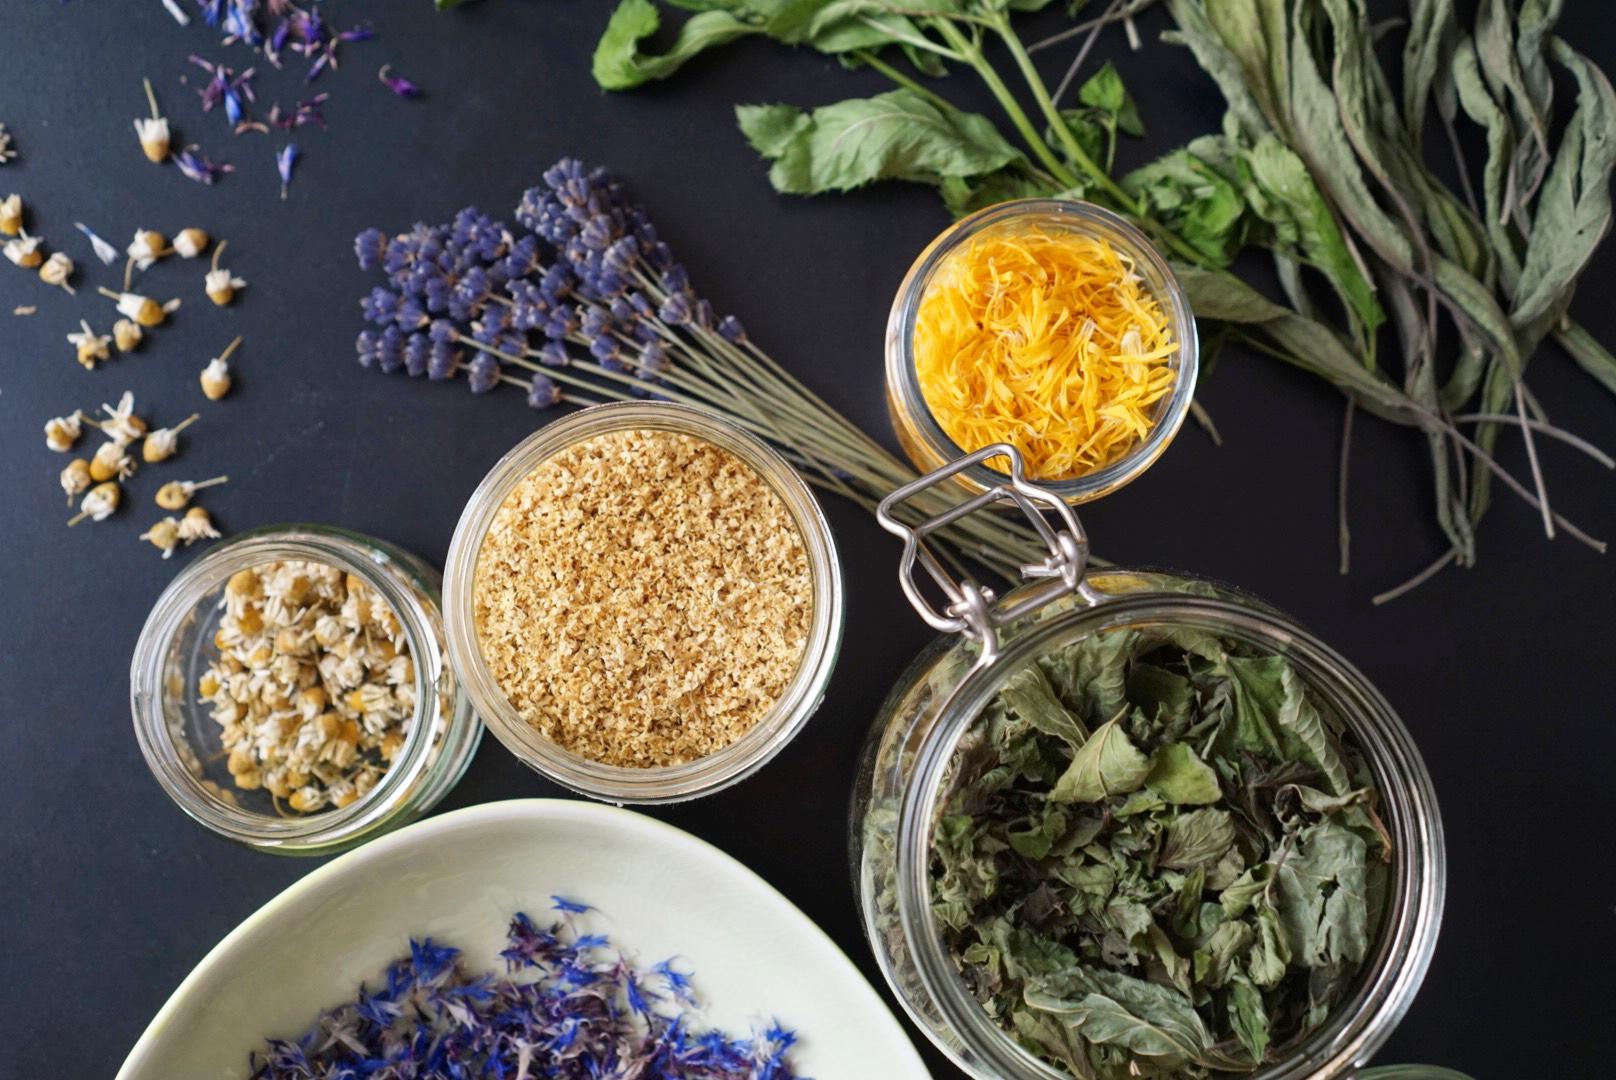 Gemeinsame Teekräuter sammeln und trocknen » Ye Olde Kitchen | Food- und #KQ_75